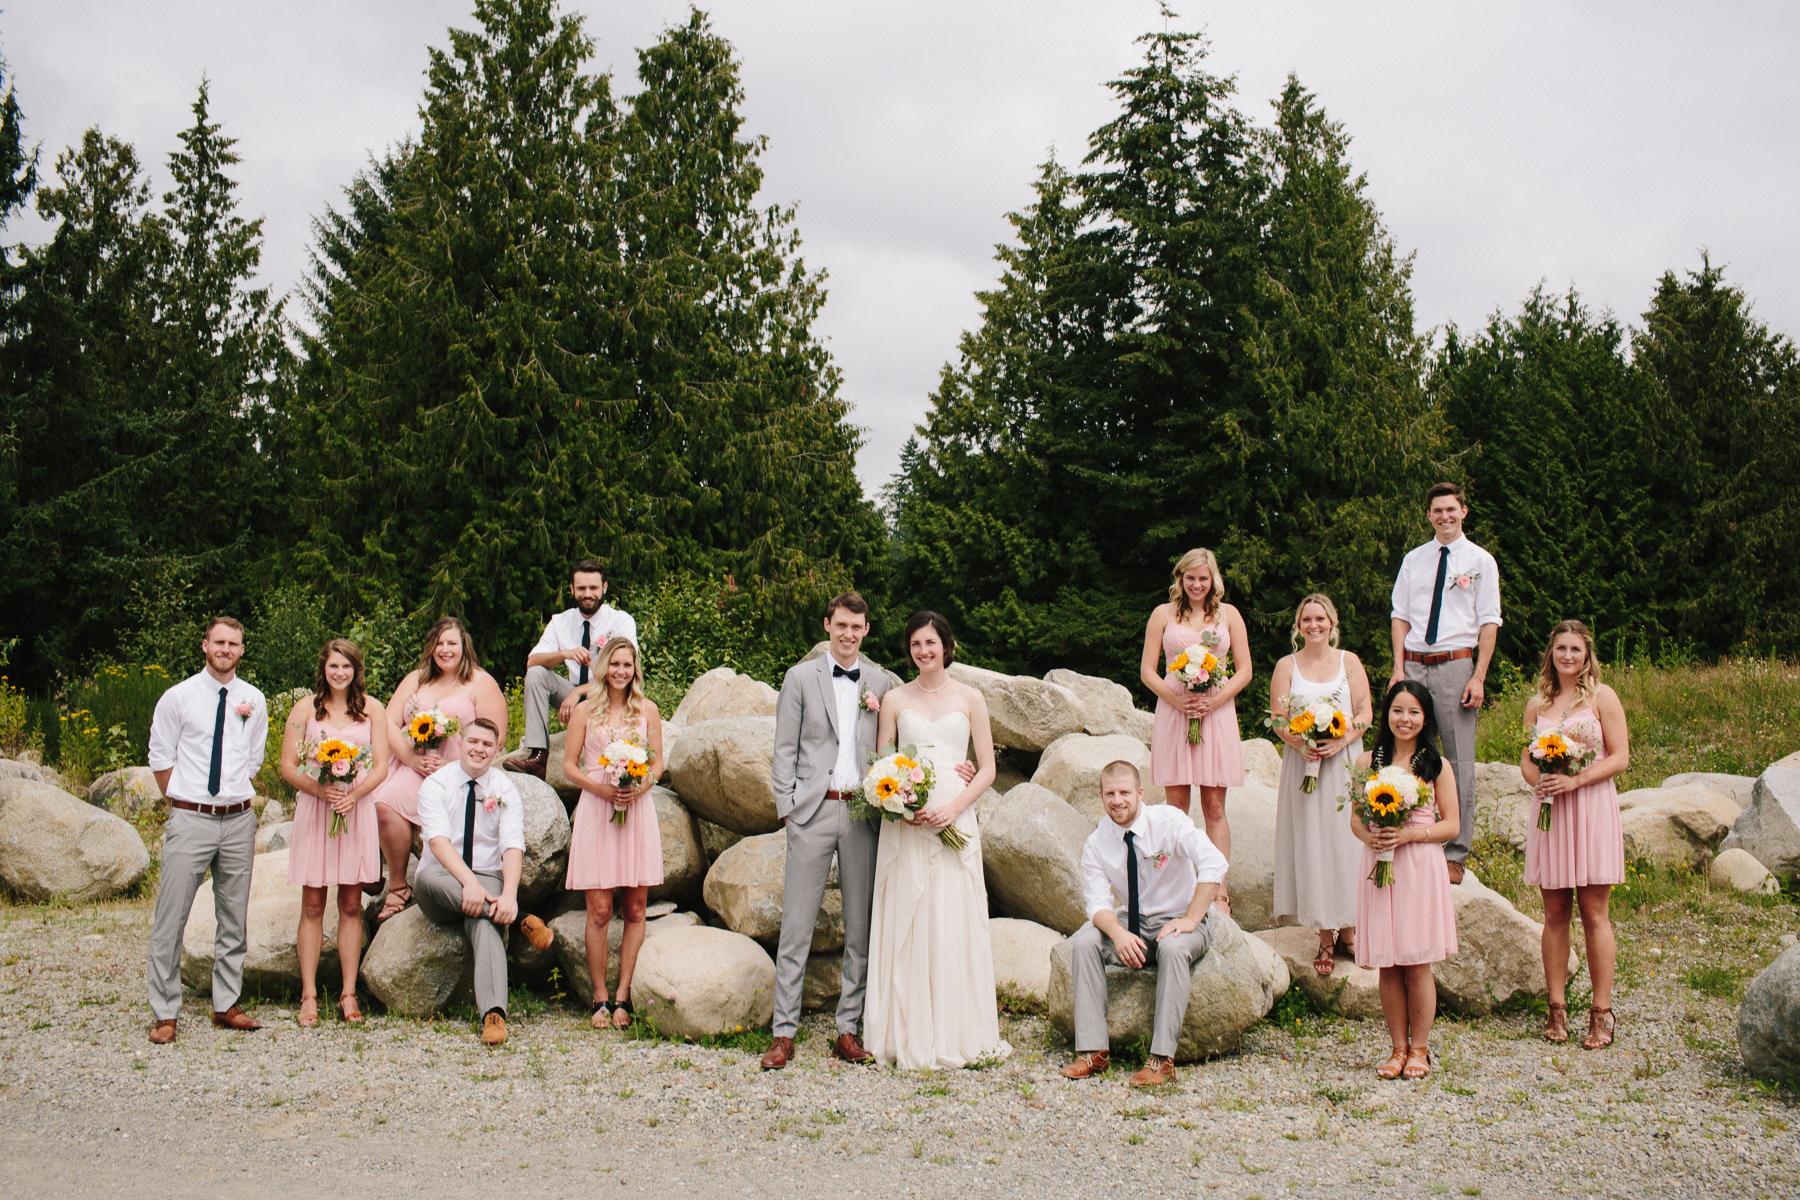 Vancouver-Rustic-Farm-Wedding-KB-052.jpg